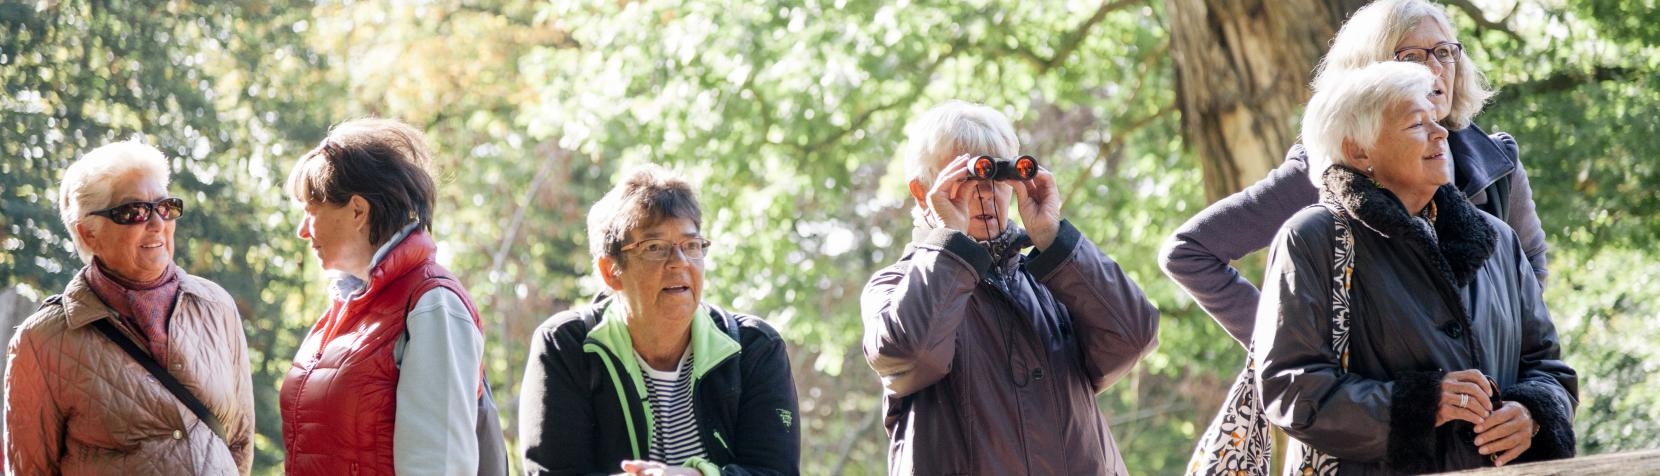 Seniorer på skovtur